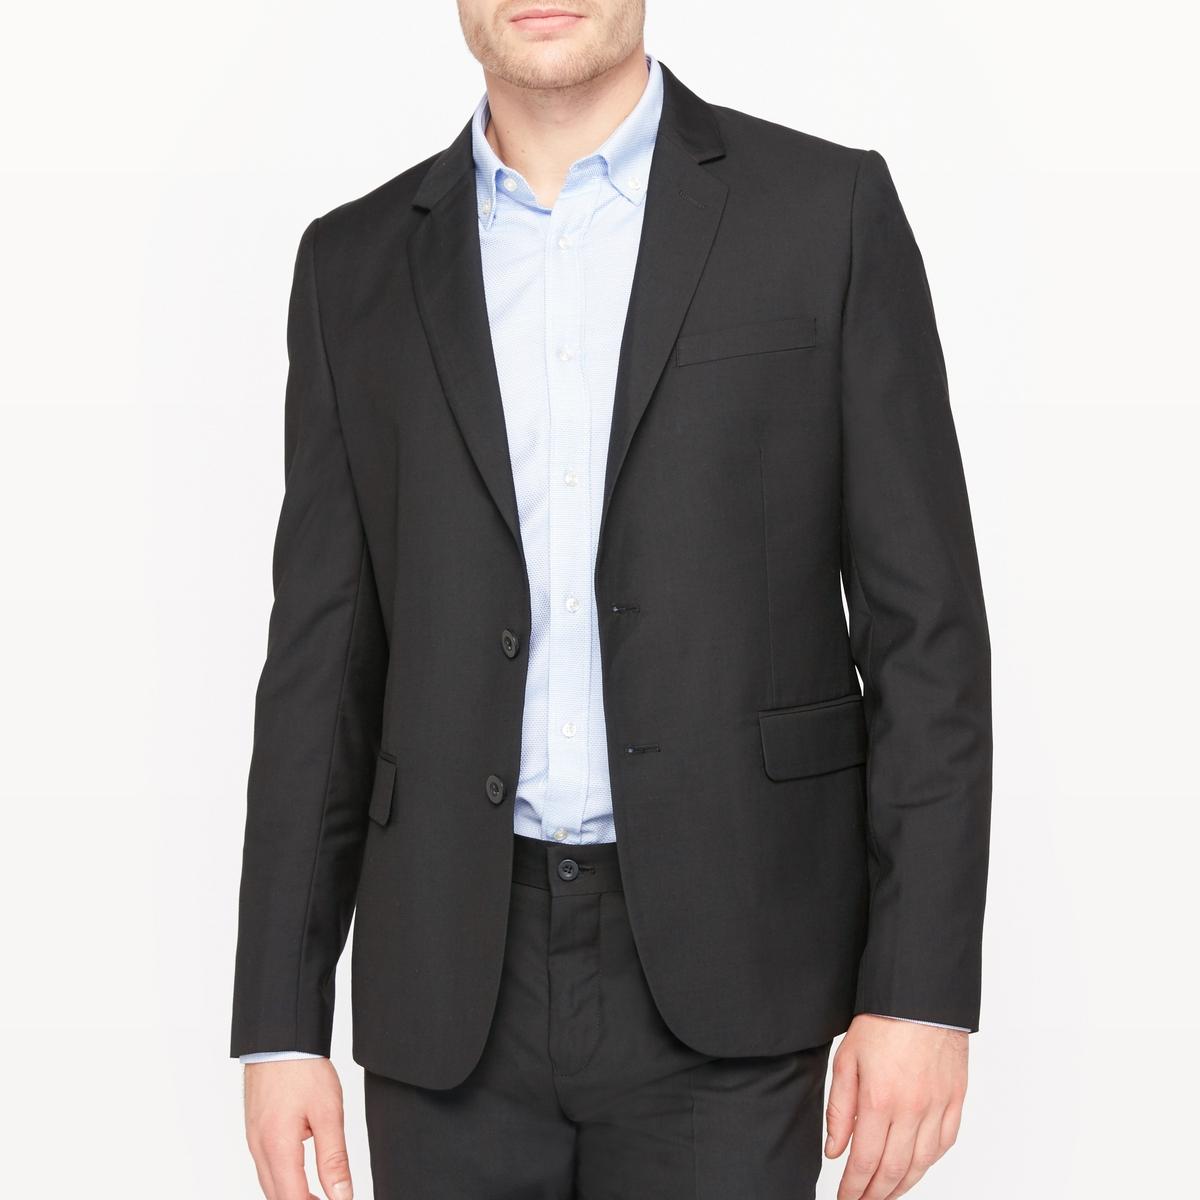 Пиджак костюмный прямого покрояСостав и описаниеМатериал : 80% полиэстера, 20% вискозы - Подкладка : 100% полиэстерДлина : 74 смМарка :      R ?ditionУходТолько сухая чистка<br><br>Цвет: черный<br>Размер: 56